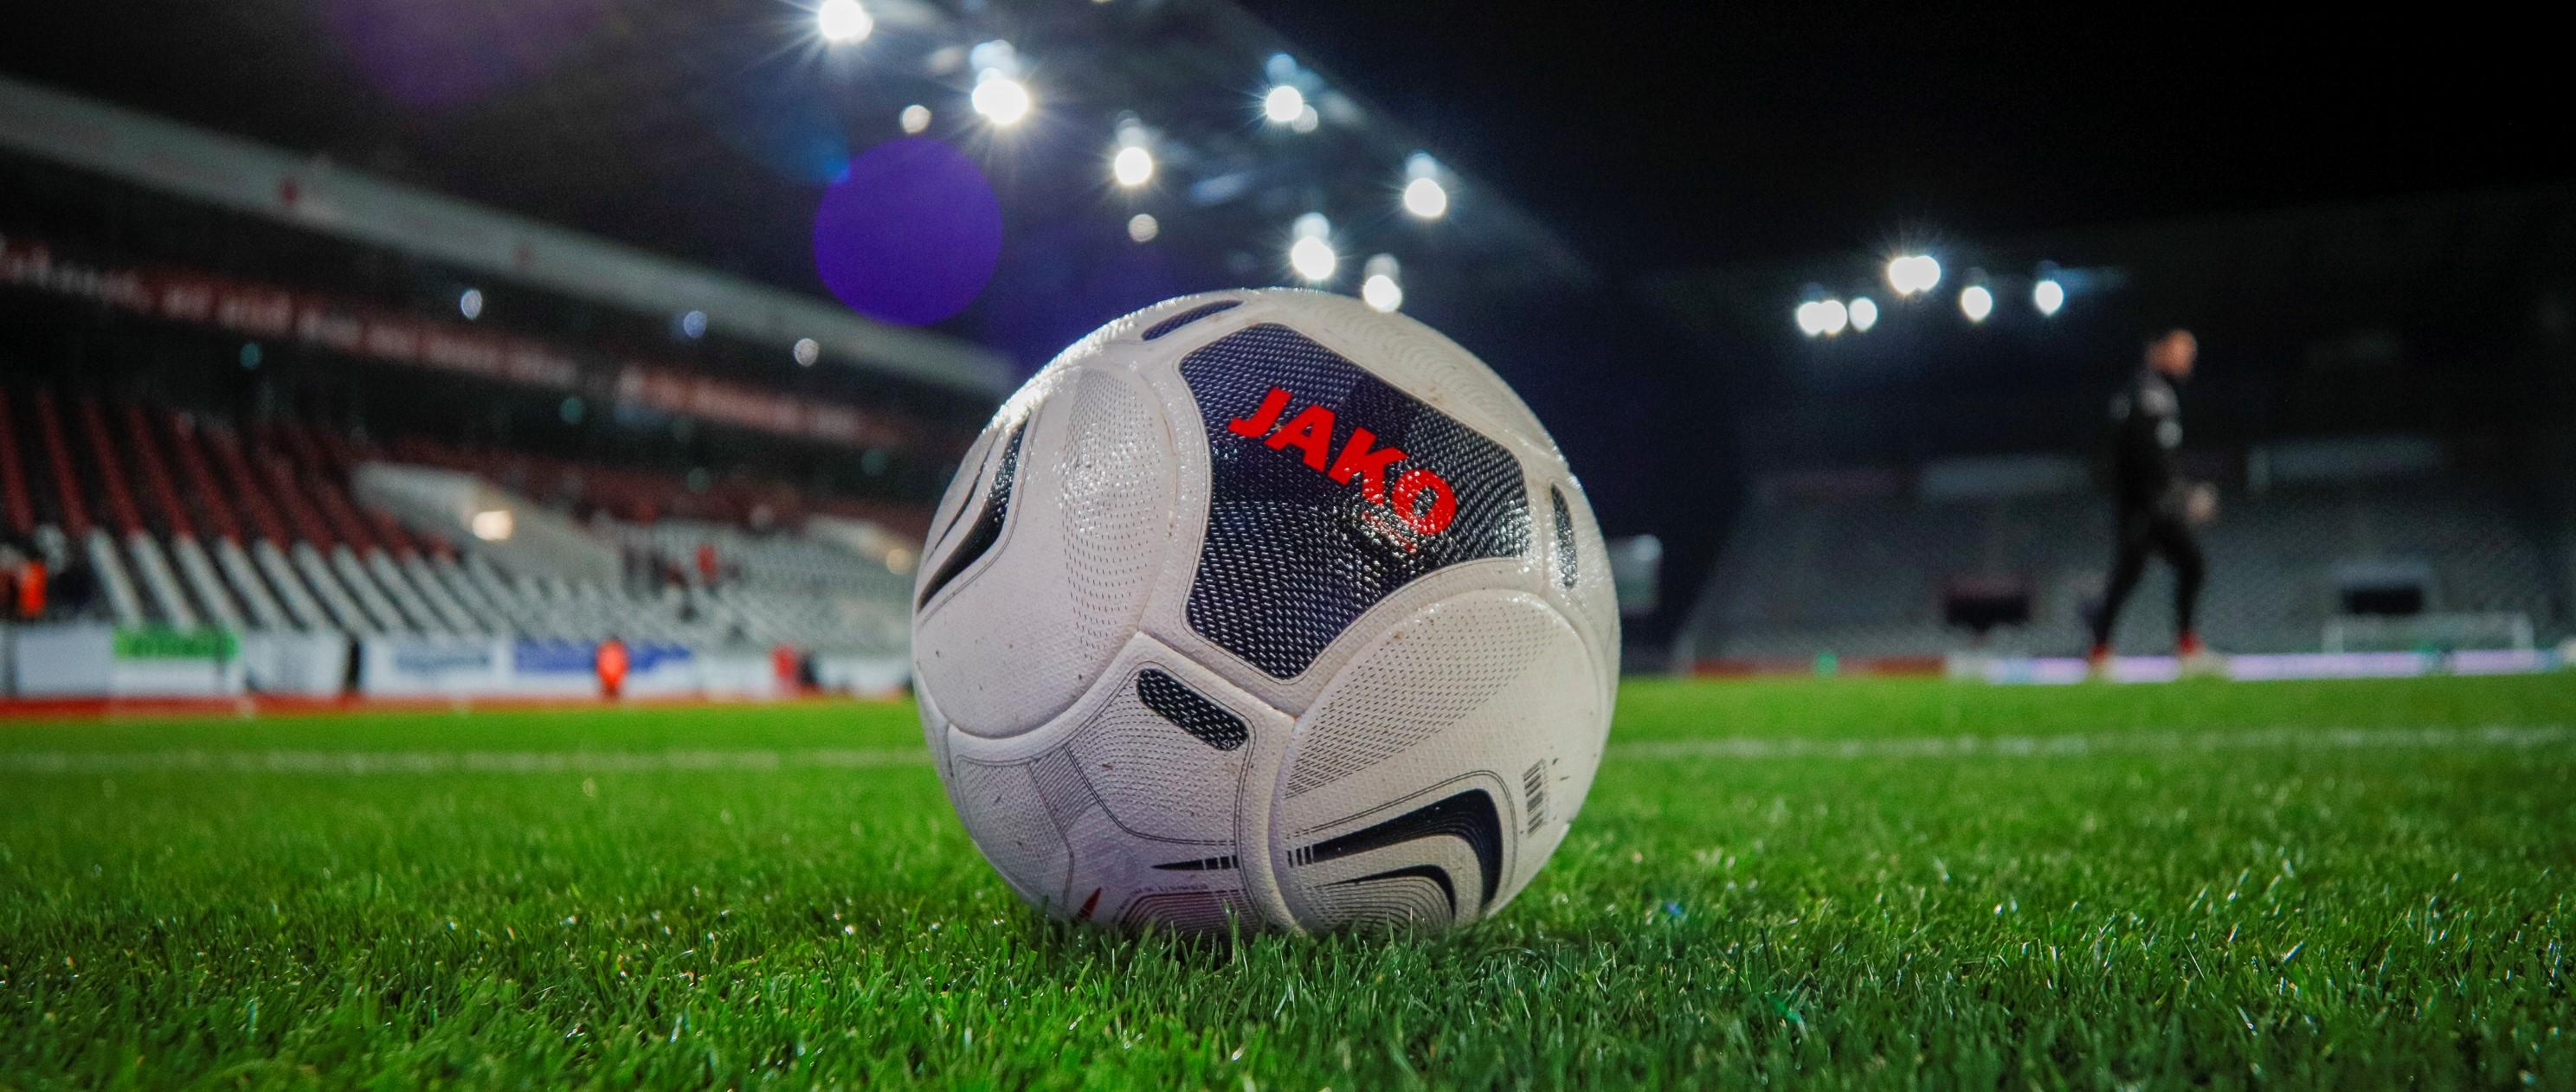 Alle wichtigen Informationen zum Stadionbesuch gegen den SC Verl finden Rot-Weisse in diesem Artikel. (Foto: Endberg)